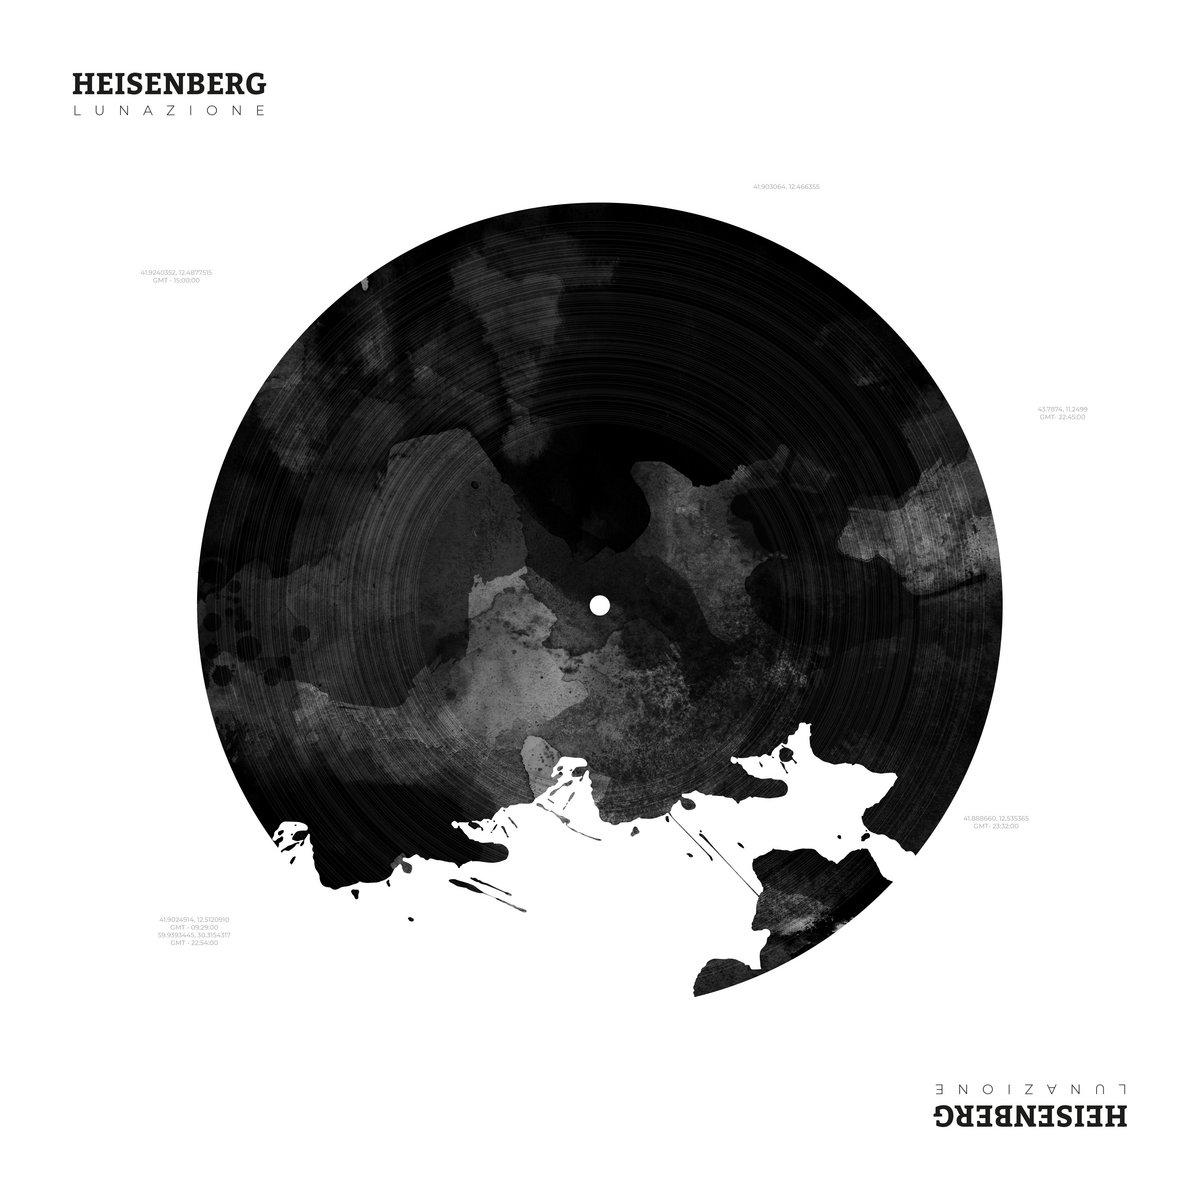 Heisenberg - Lunazione